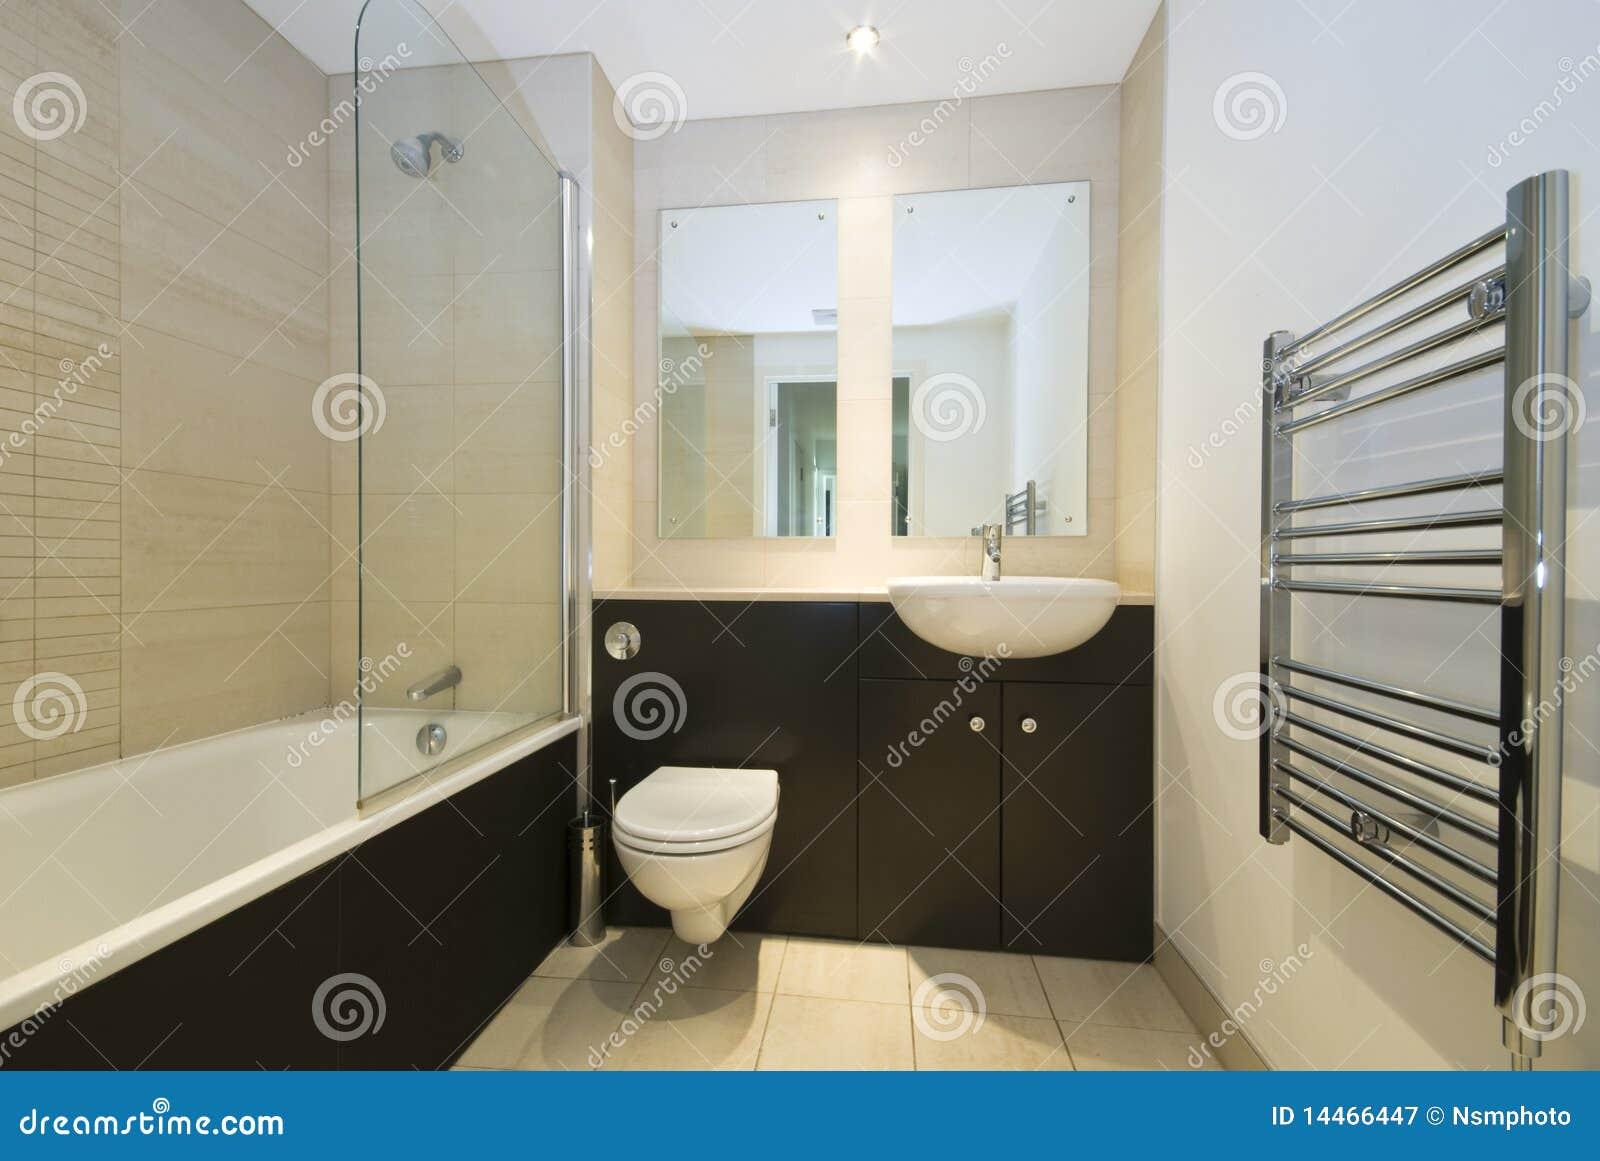 Imagens de #82A229  Stock Royalty Free: Banheiro moderno da família no bege e no marrom 1300x960 px 3638 Banheiros Simples Na Cor Bege